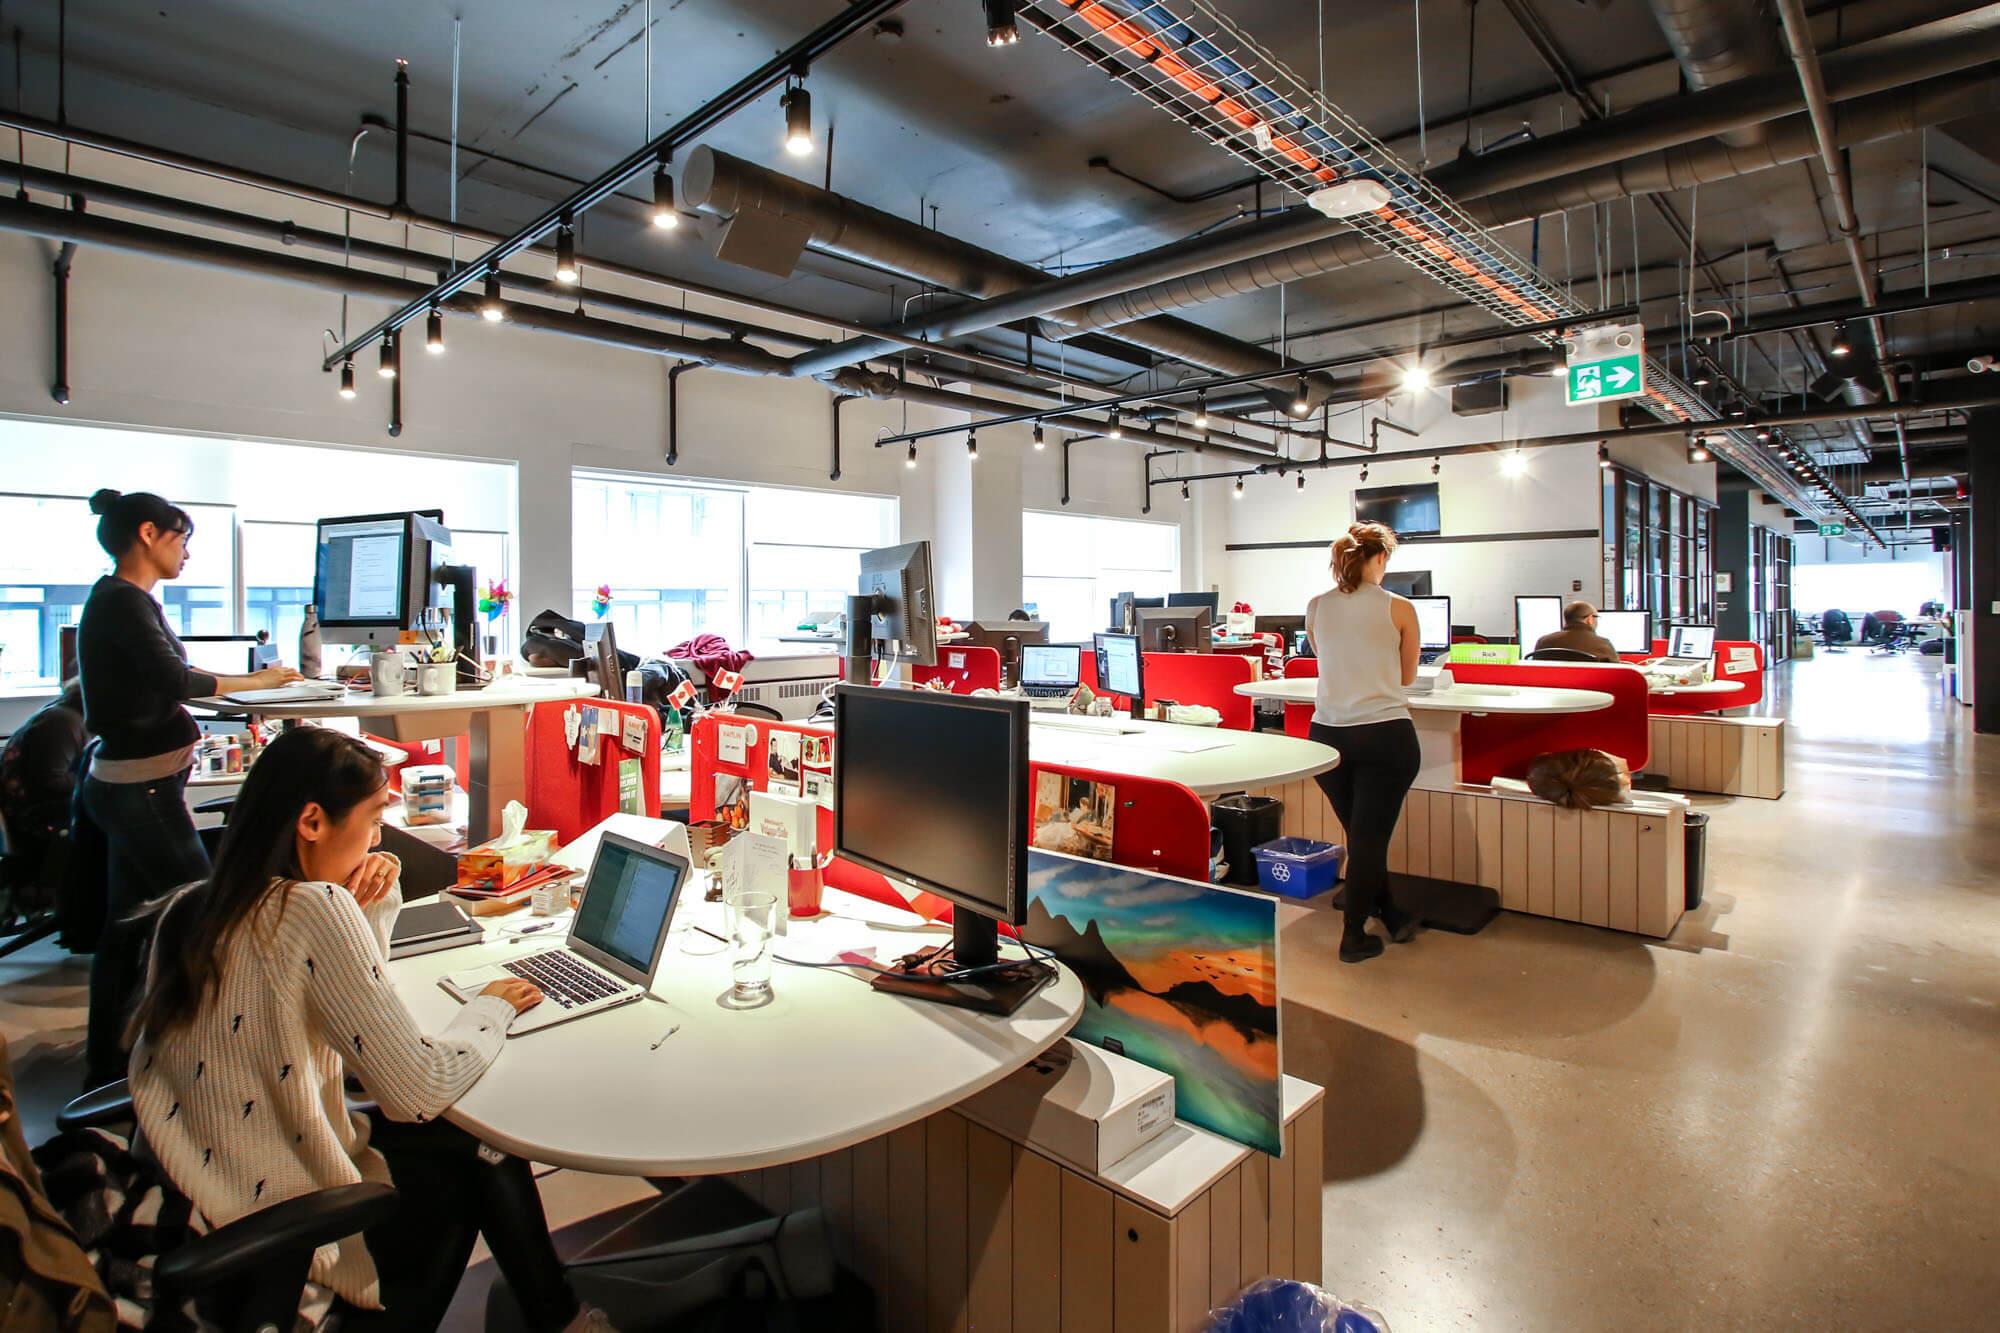 Varagesale Office Killer Spaces-3